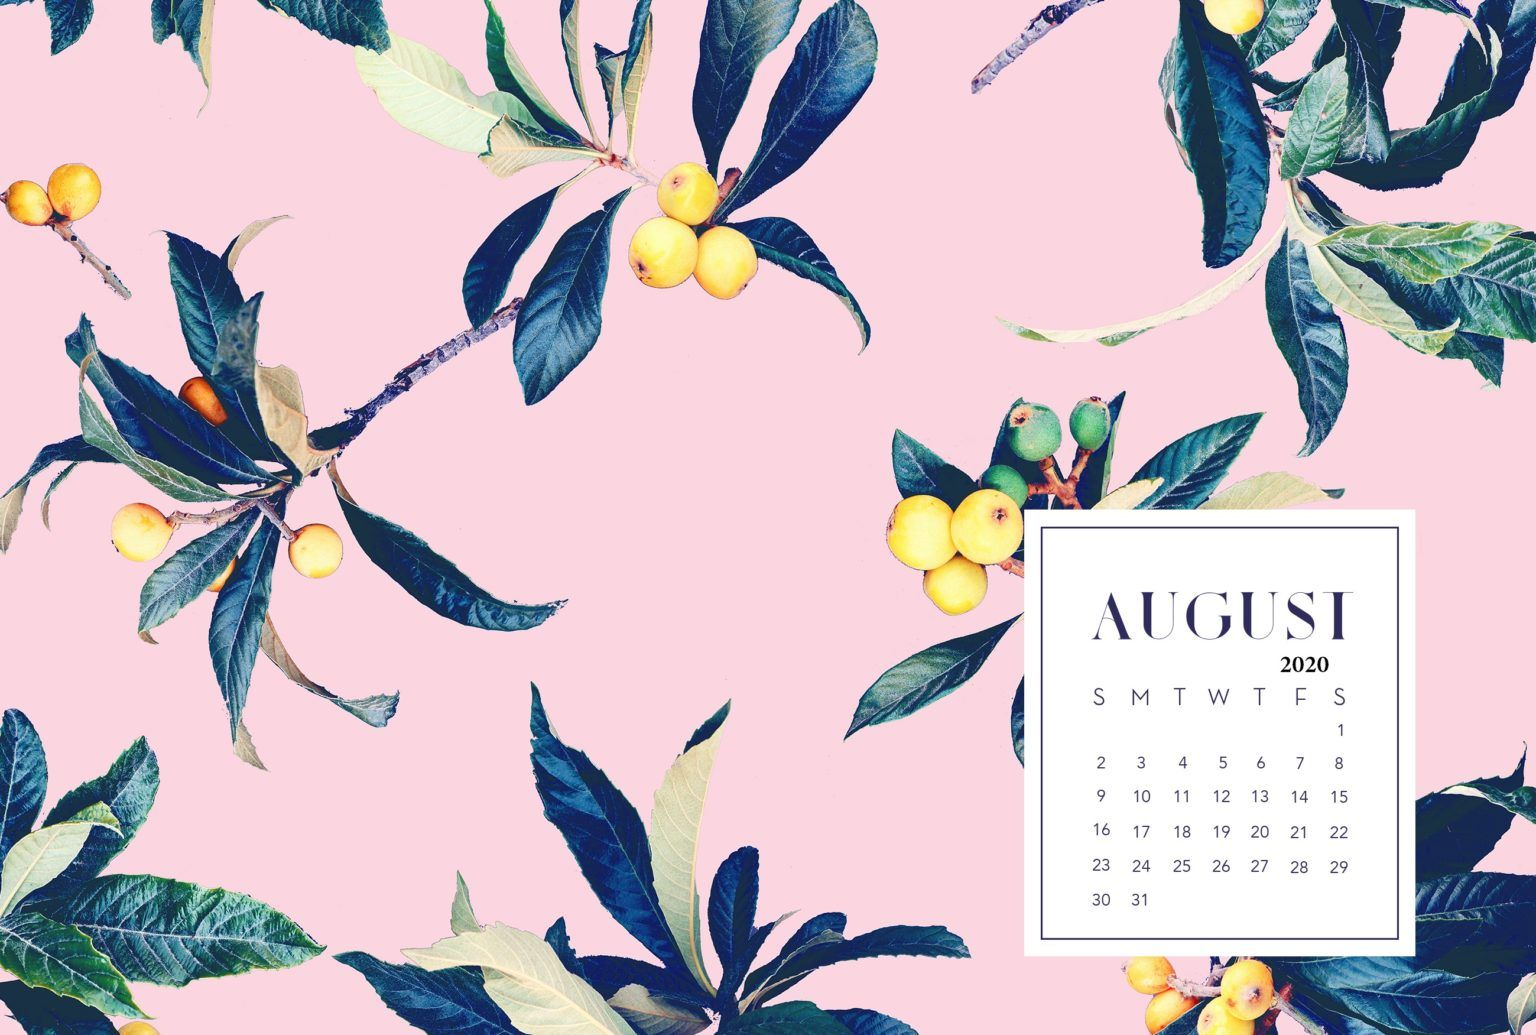 Floral August 2020 Calendar Wallpaper Calendar wallpaper 1536x1035